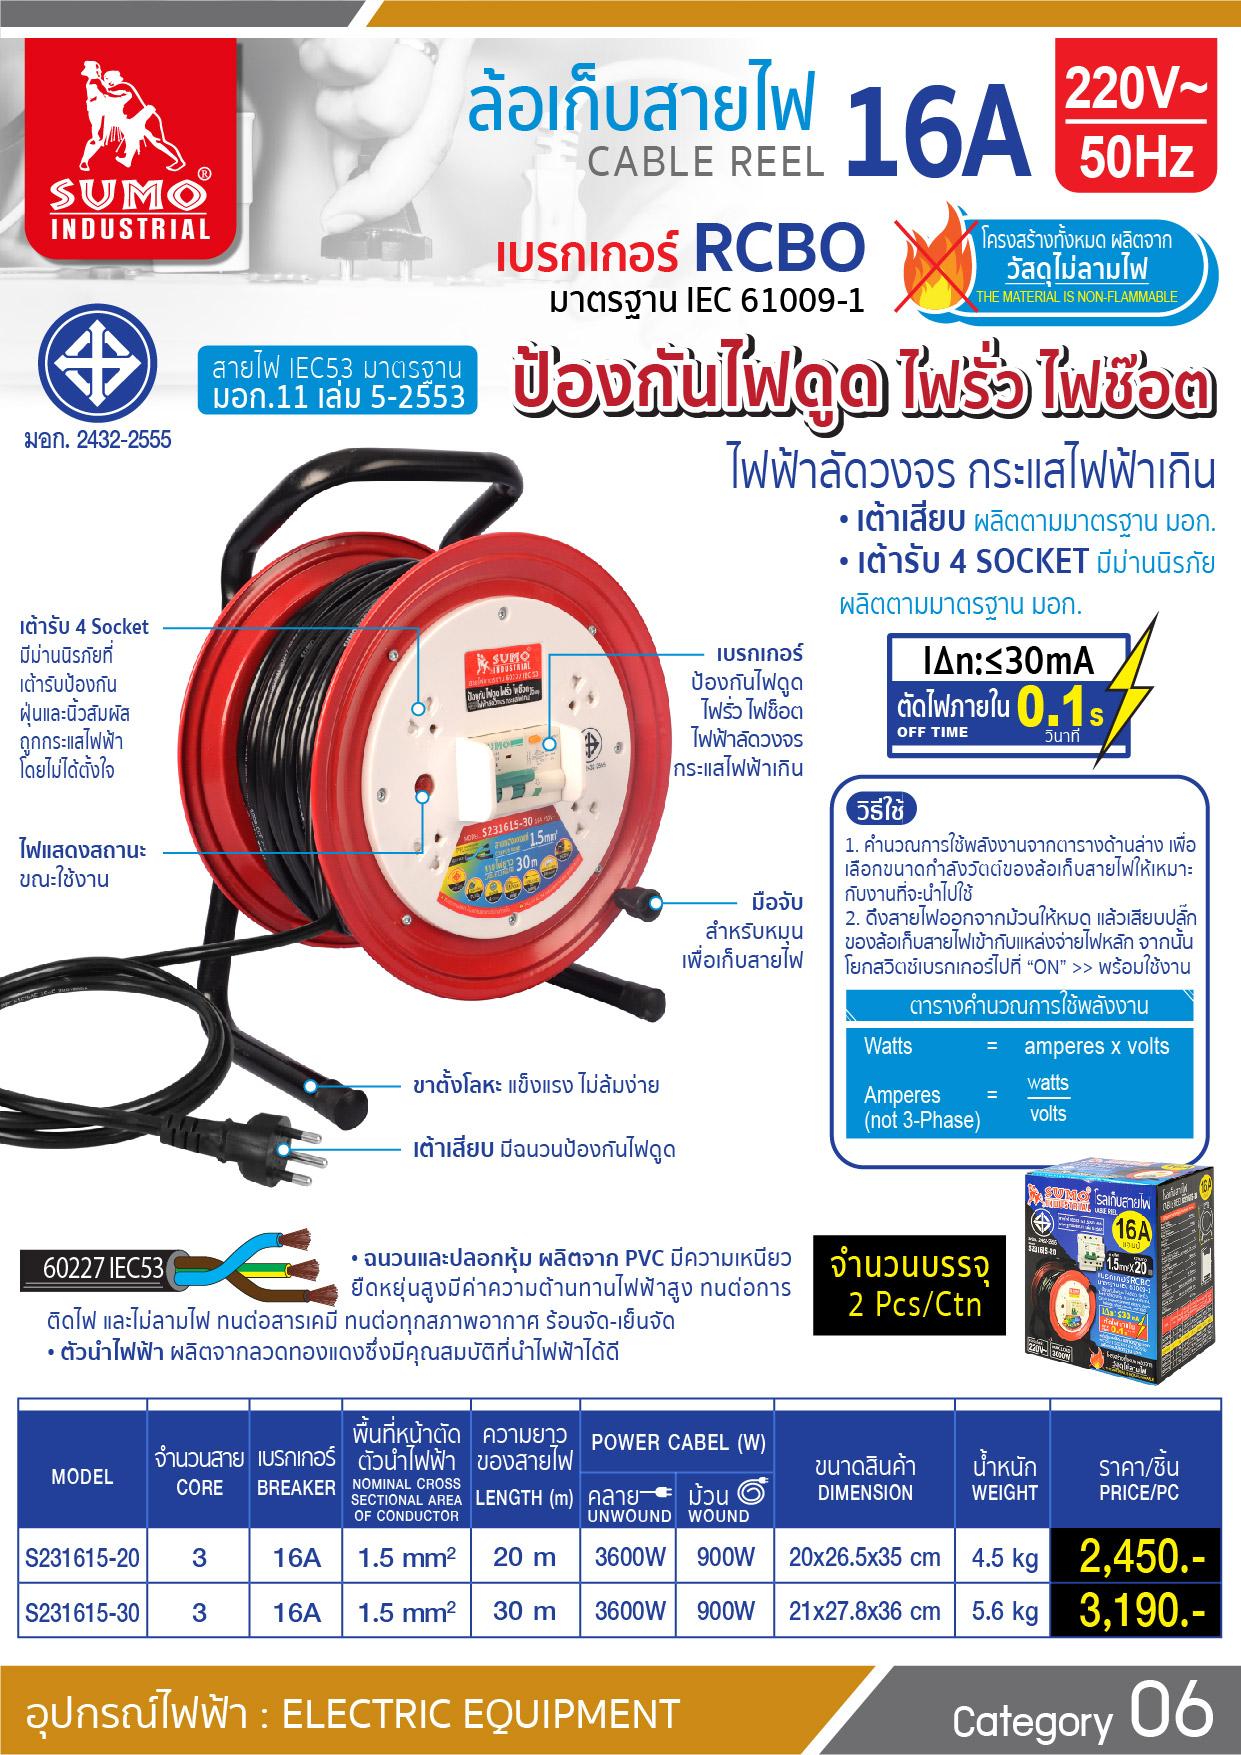 (2/3) โรลเก็บสายไฟ - Cable Reel